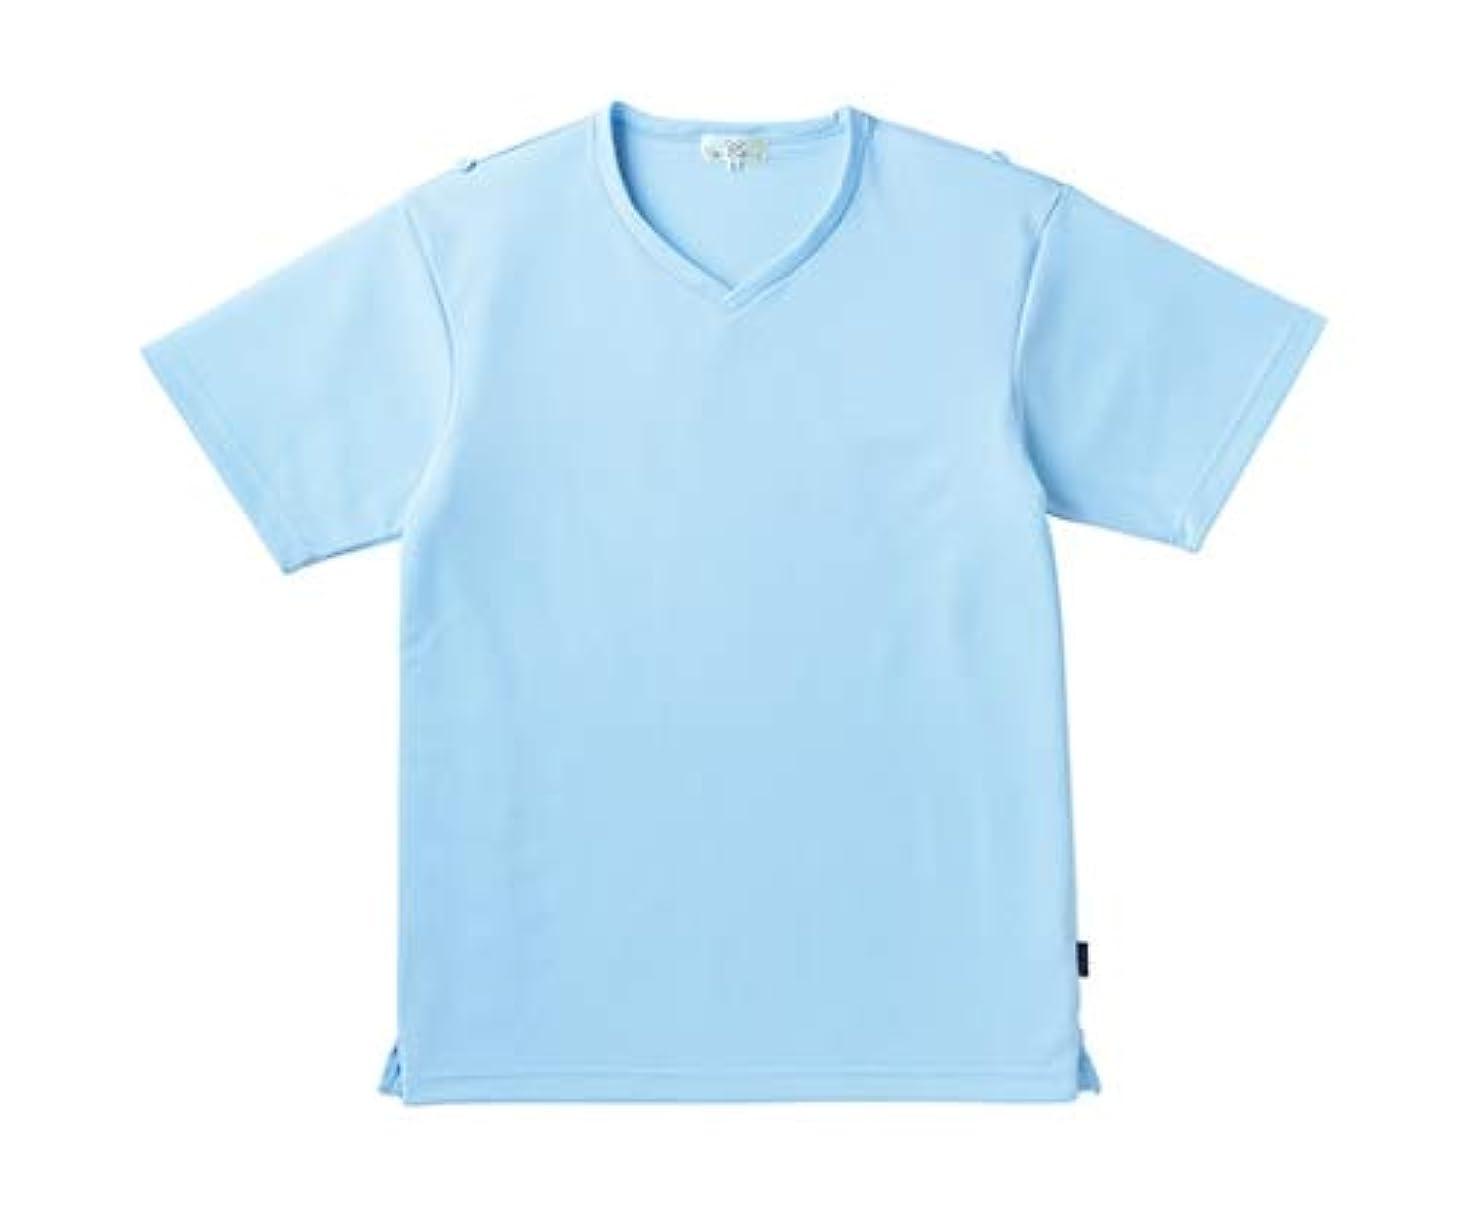 同盟過激派間違いなくトンボ/KIRAKU 入浴介助用シャツ CR160 S サックス